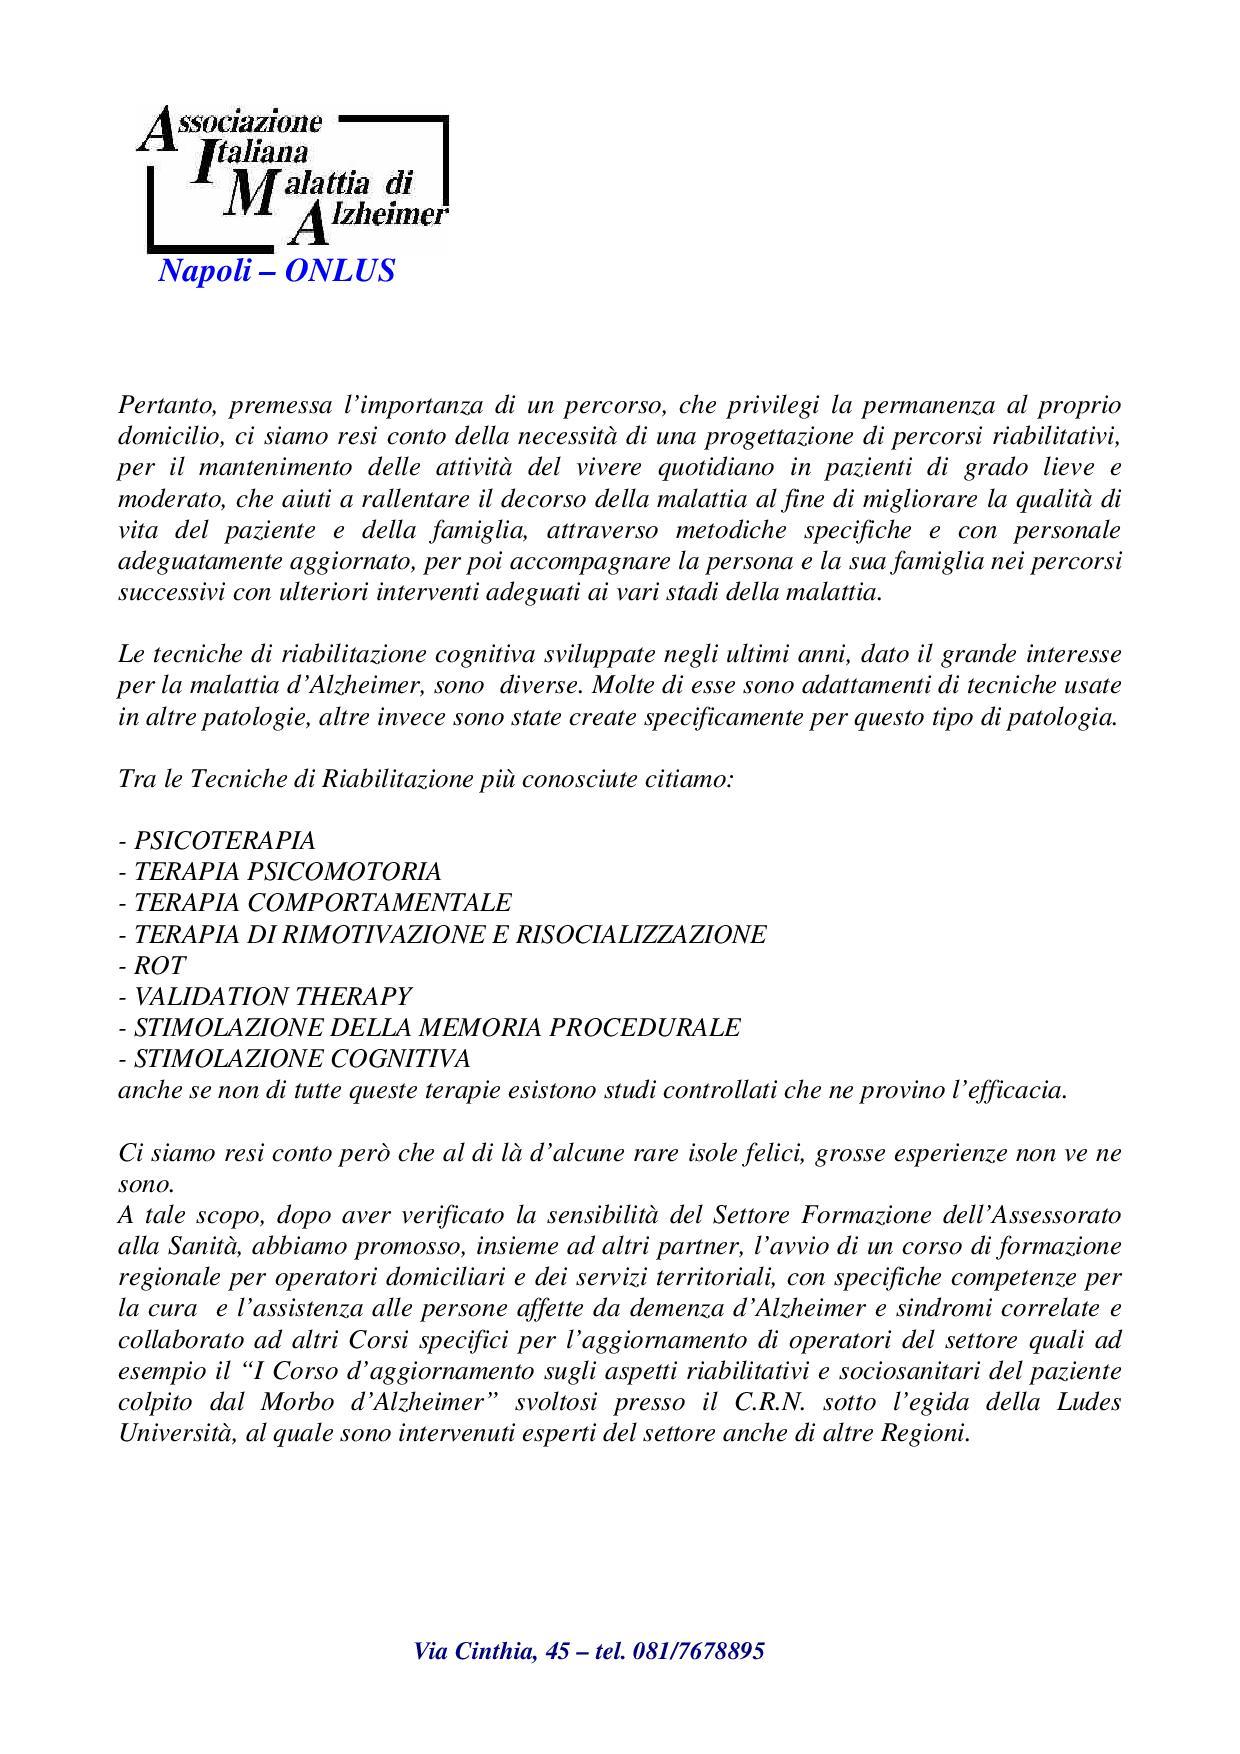 Lettera Progetto Amiamoci per ASL-page-002